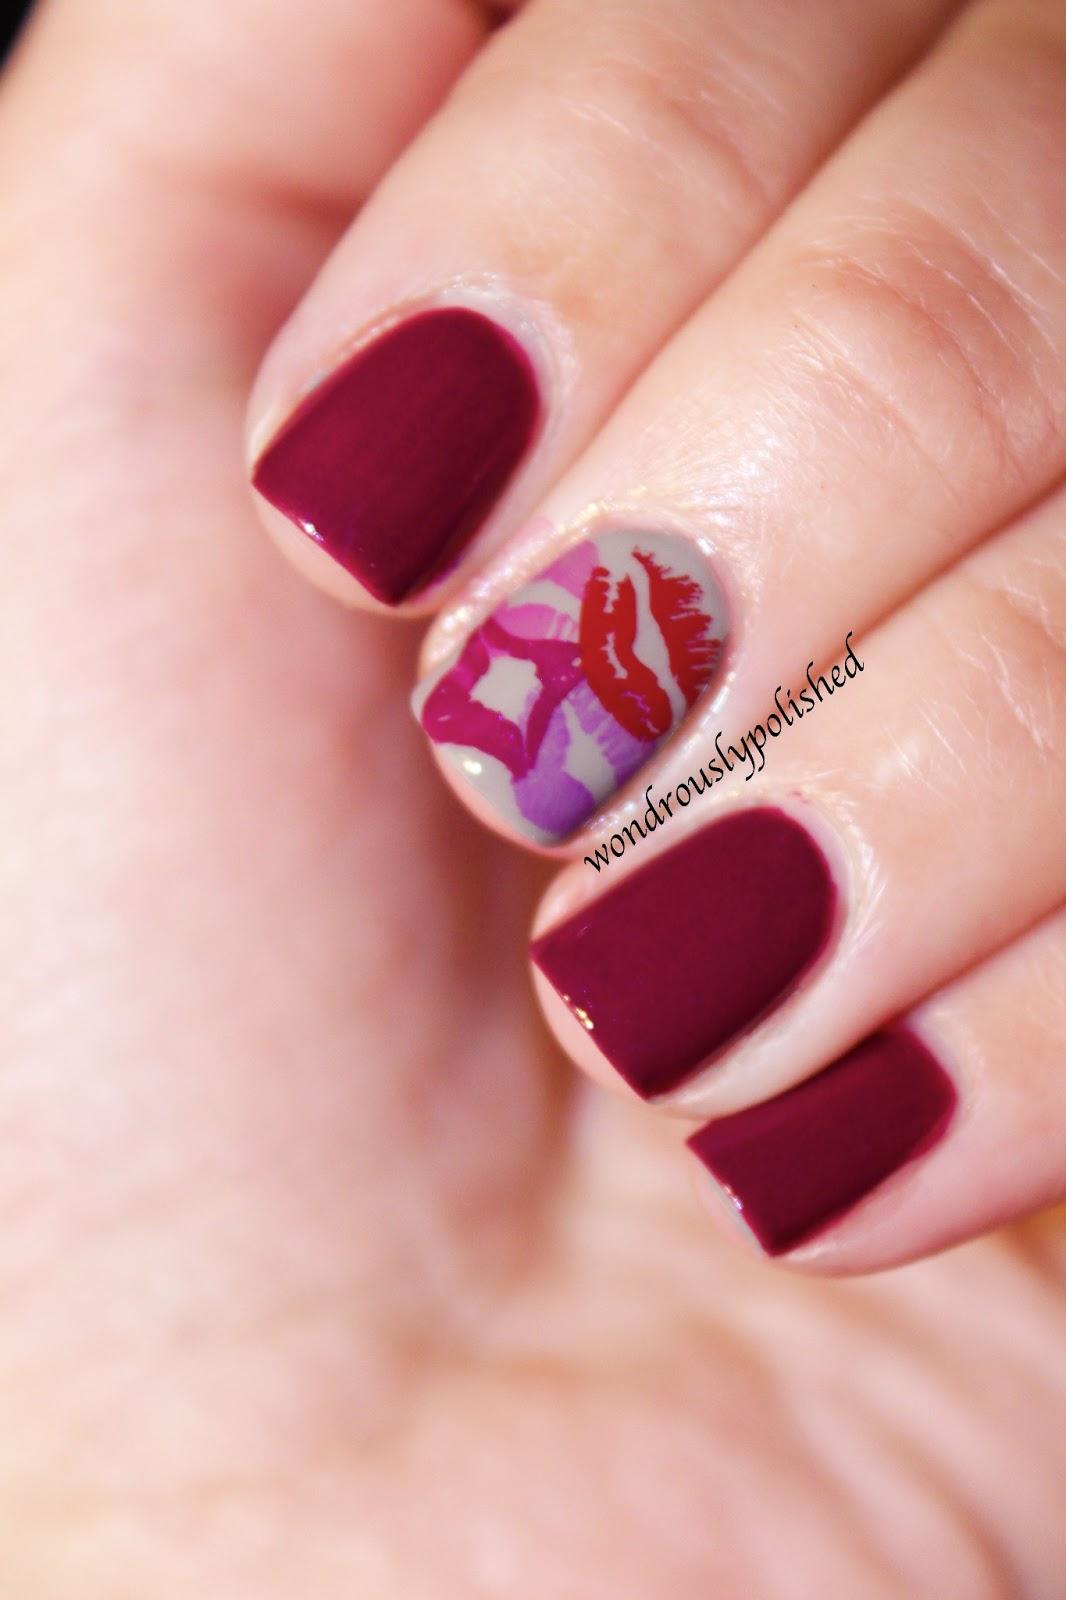 Wondrously Polished: February Nail Art Challenge